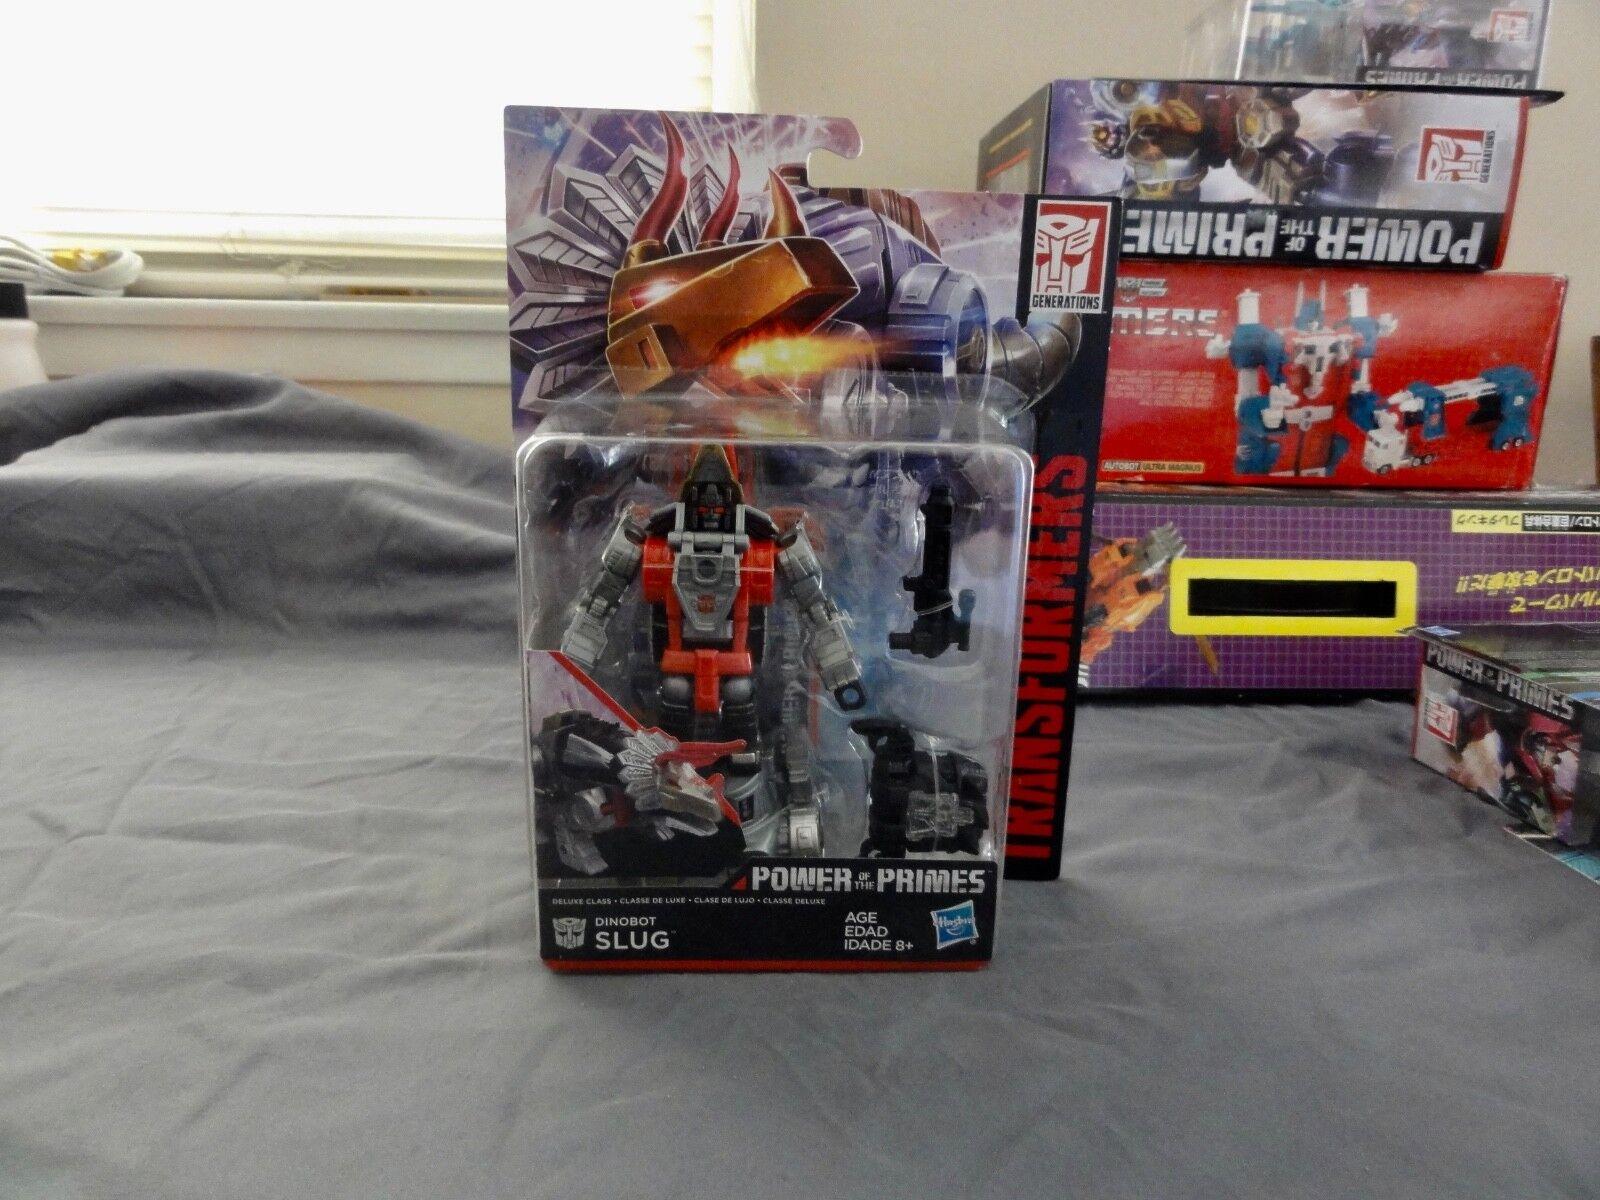 2017 Transformers Power Of the Primes Dinobot Slug Sealed MISB MIB BOX